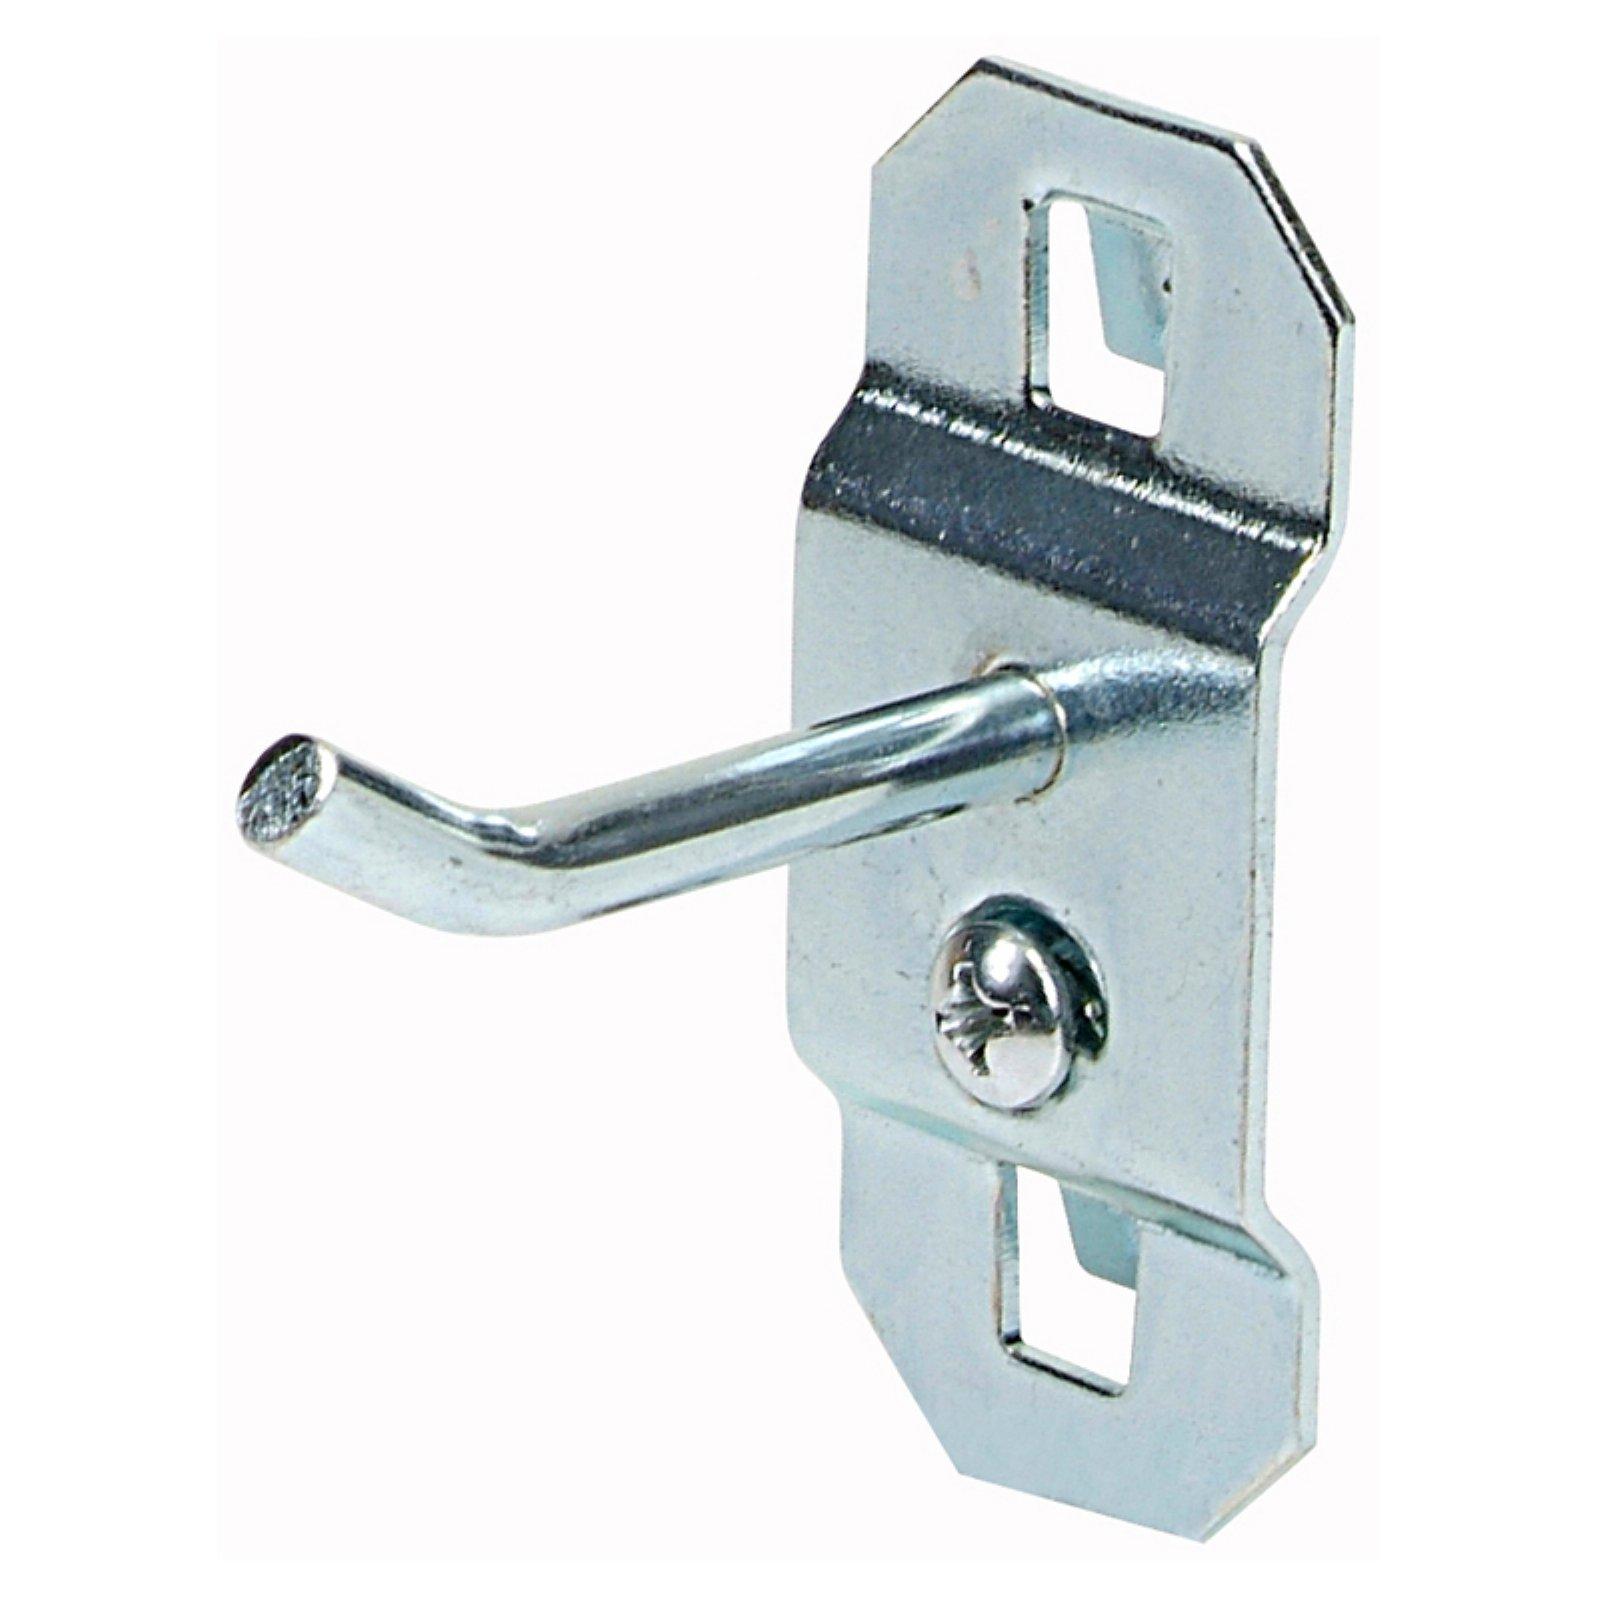 Triton Stainless Steel Lochook 30 Degree Bend Single Rod Pegboard Hook Set Of 3 Size 1 In Steel Pegboard Slatwall Accessories Plastic Hanging